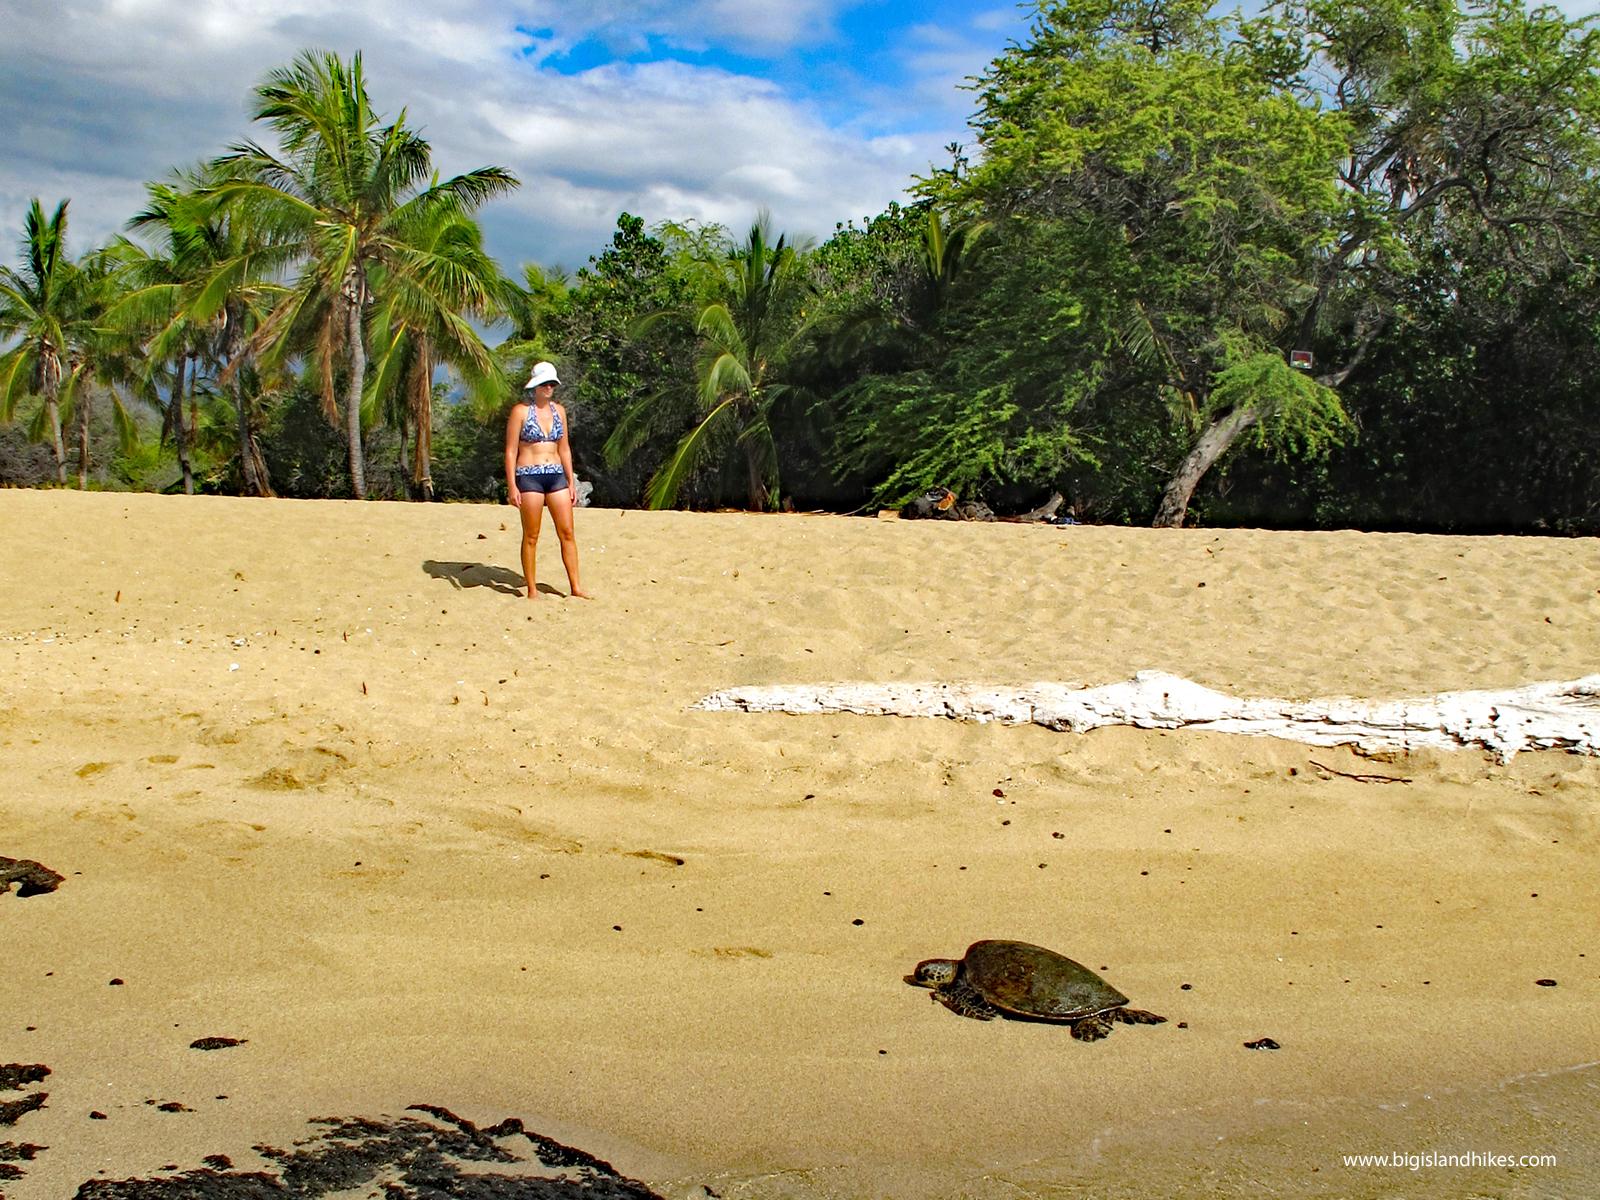 Kapalaoa Beach